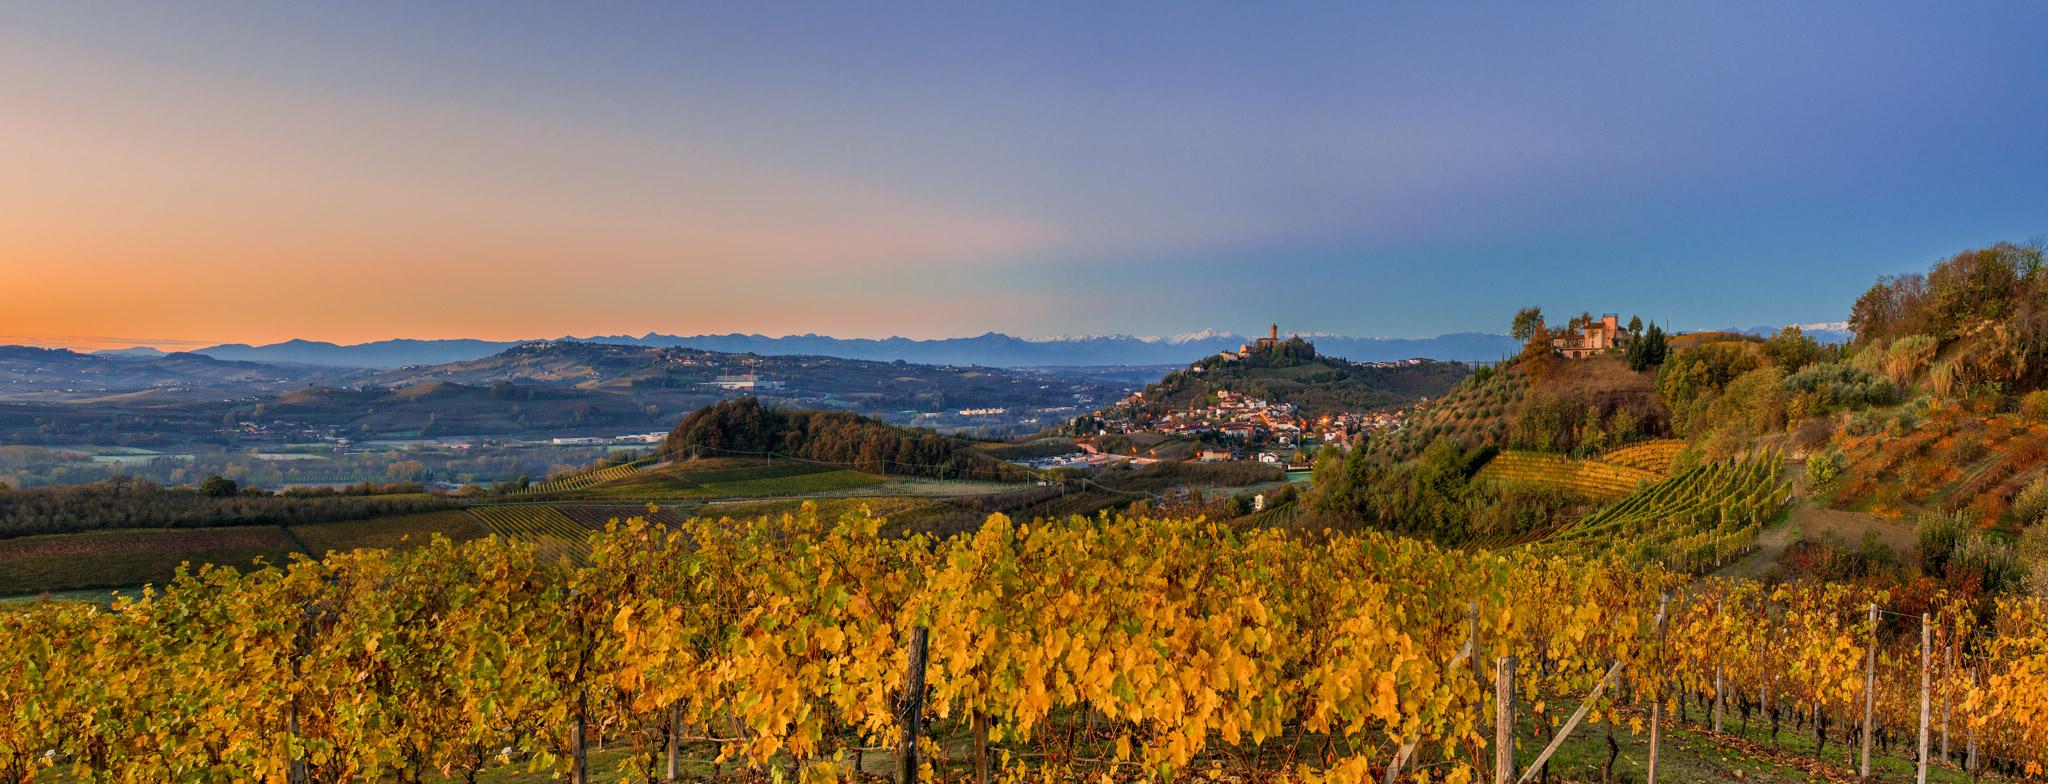 Paesaggi-Italia - Panoramica Santa Vittoria - Fotografo di paesaggi Panoramica-Santa-Vittoria - Fotografo di paesaggi Panoramica-Santa-Vittoria